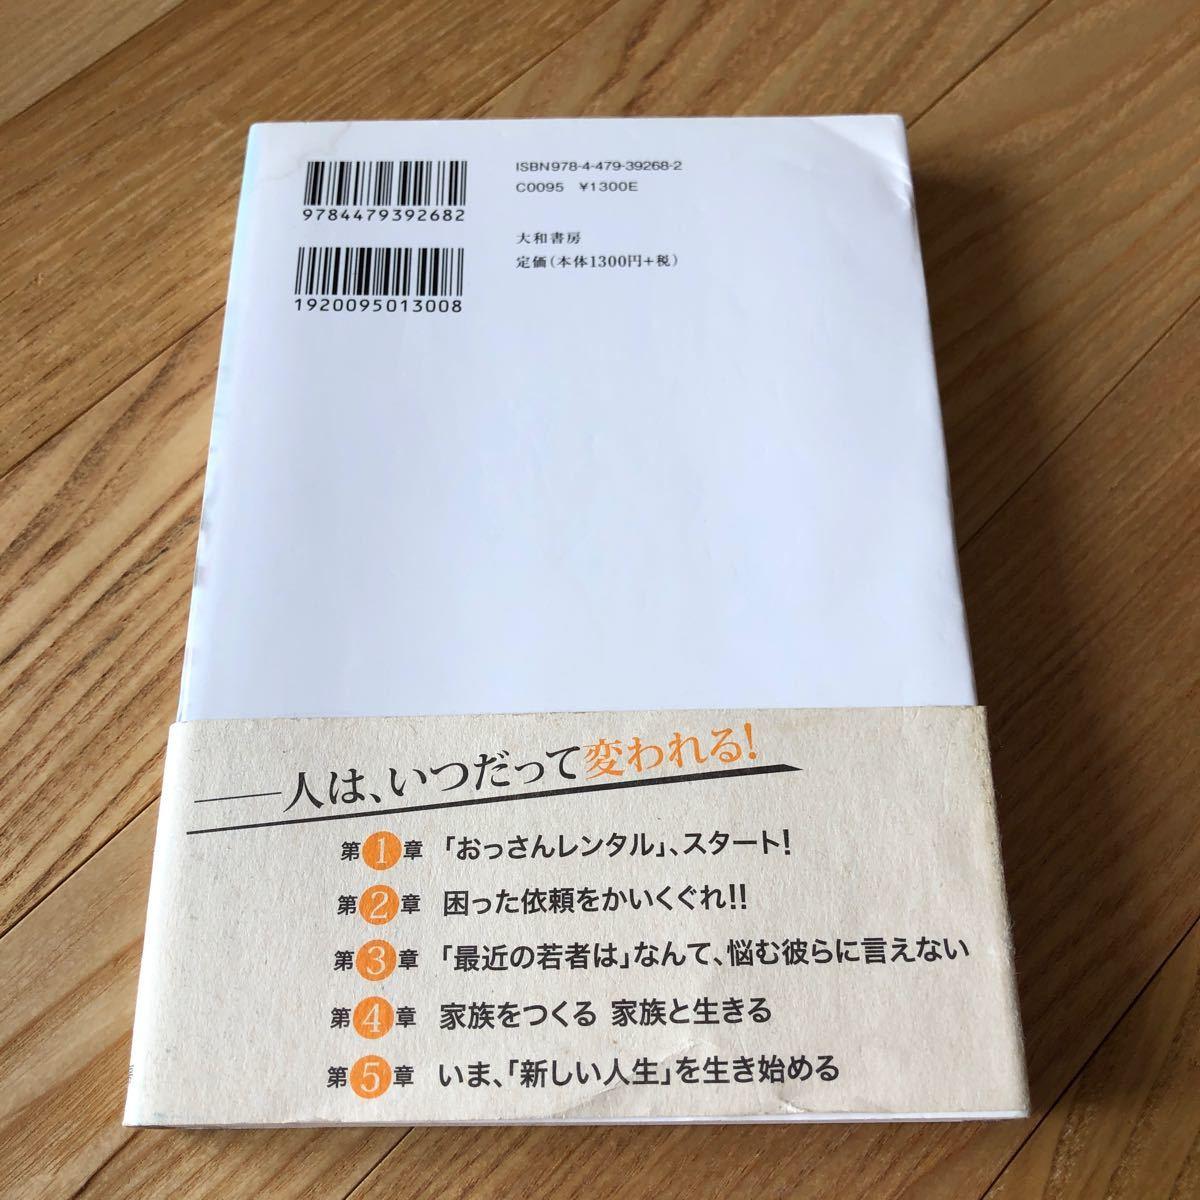 「おっさんレンタル」日記